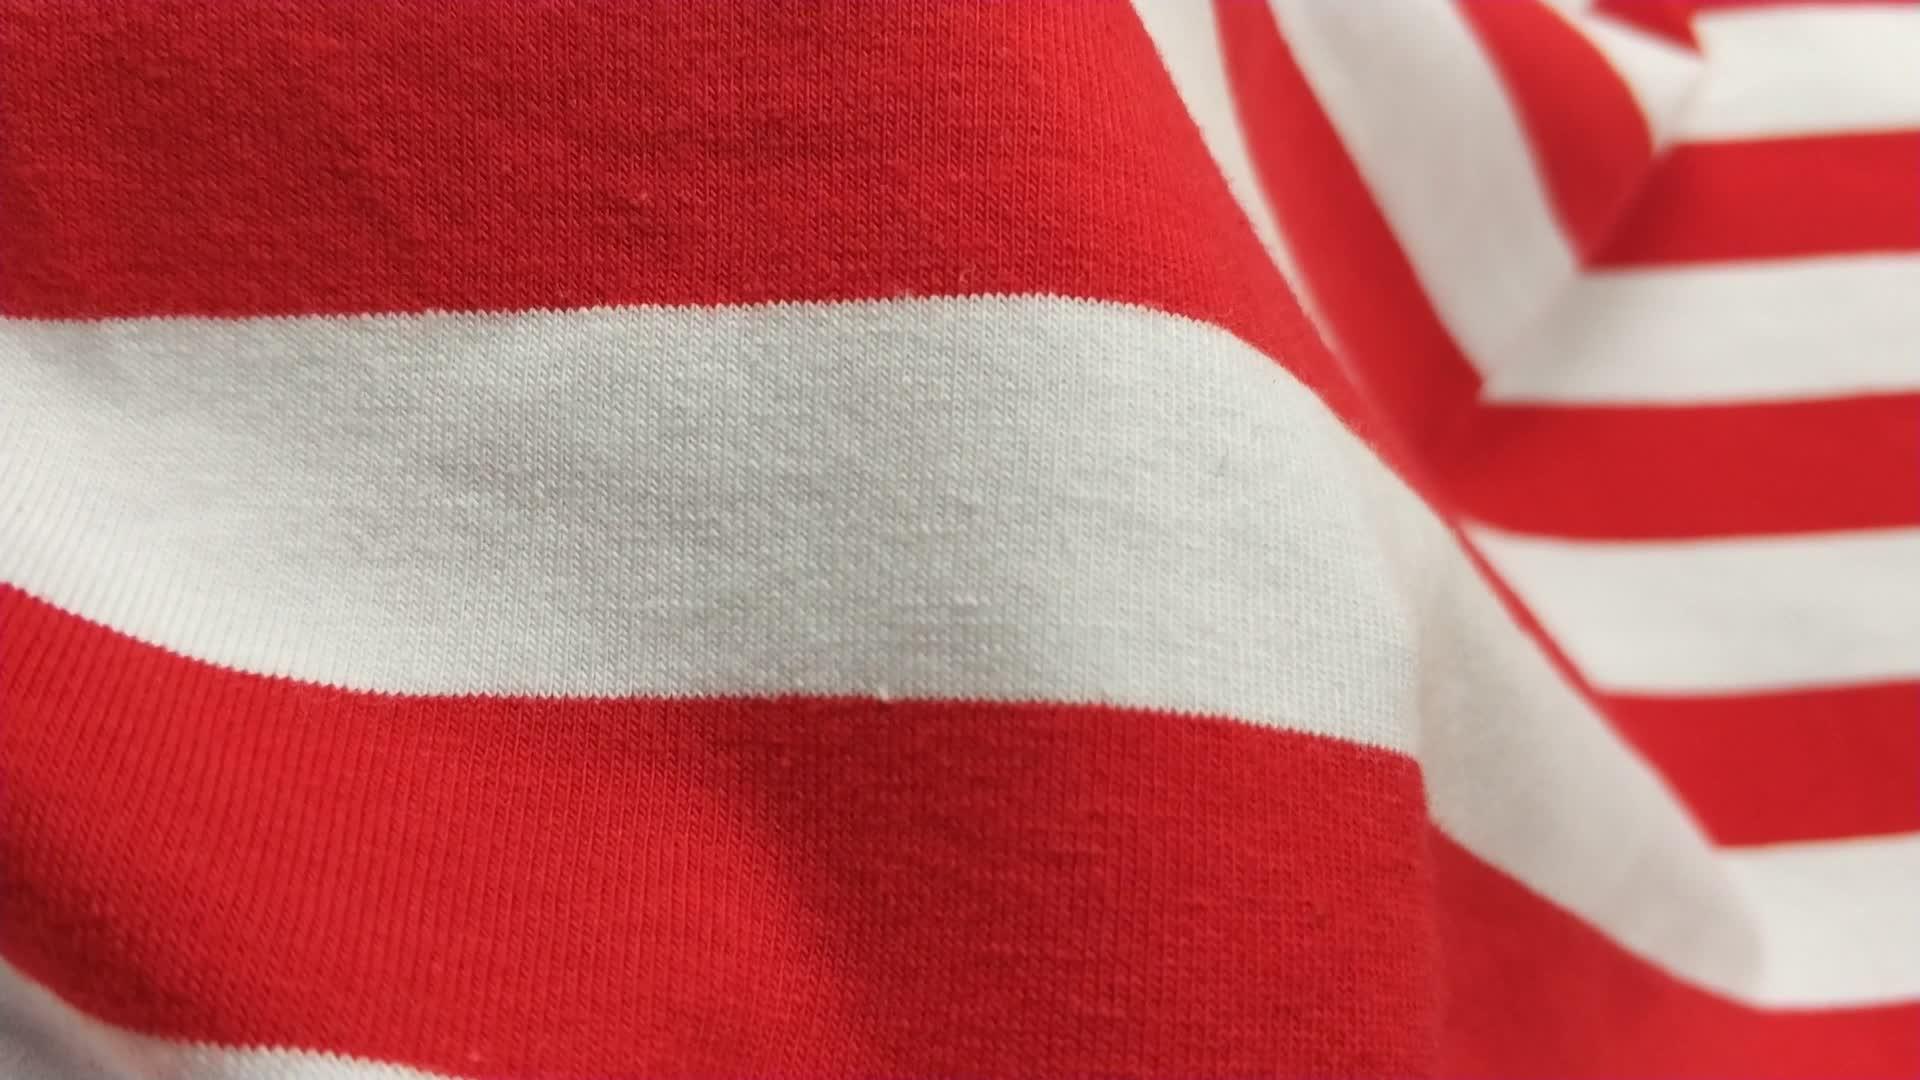 Günstige Preis 100% Baumwolle Spandex Strickware Single Jersey Stoff,